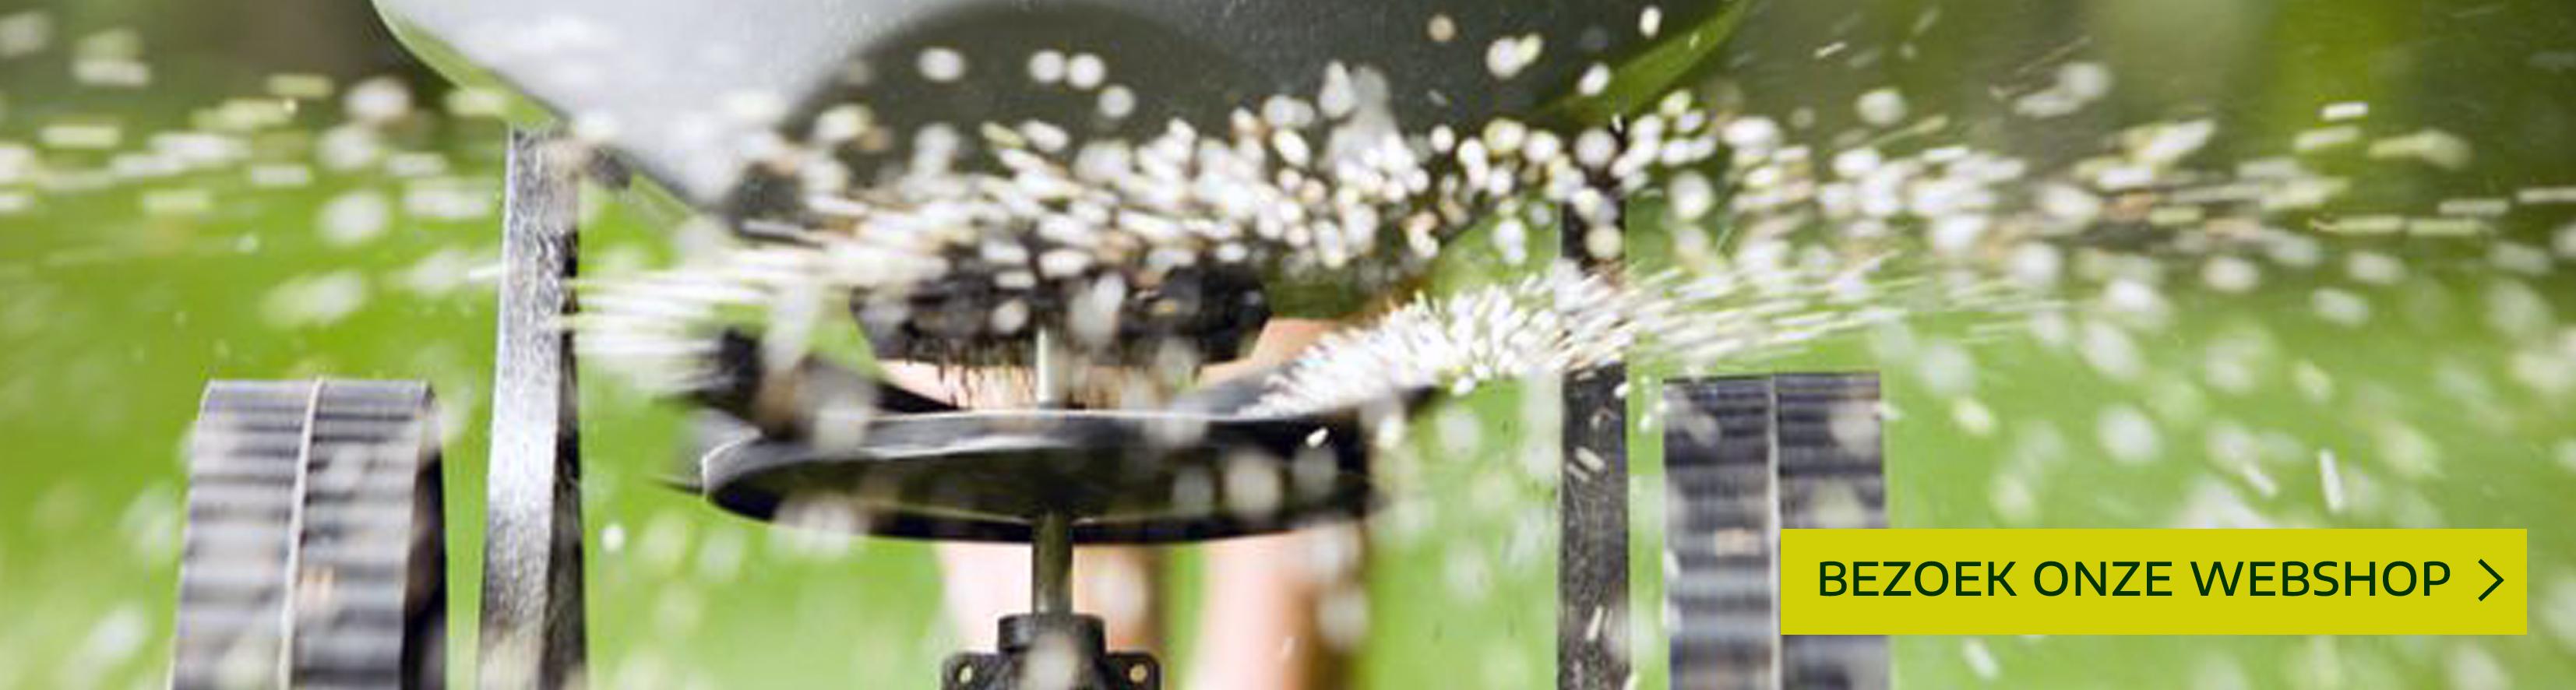 Artikelaanbod meststoffen en grondstoffen leuven mechelen heist-op-den-berg tuincentrum thiels